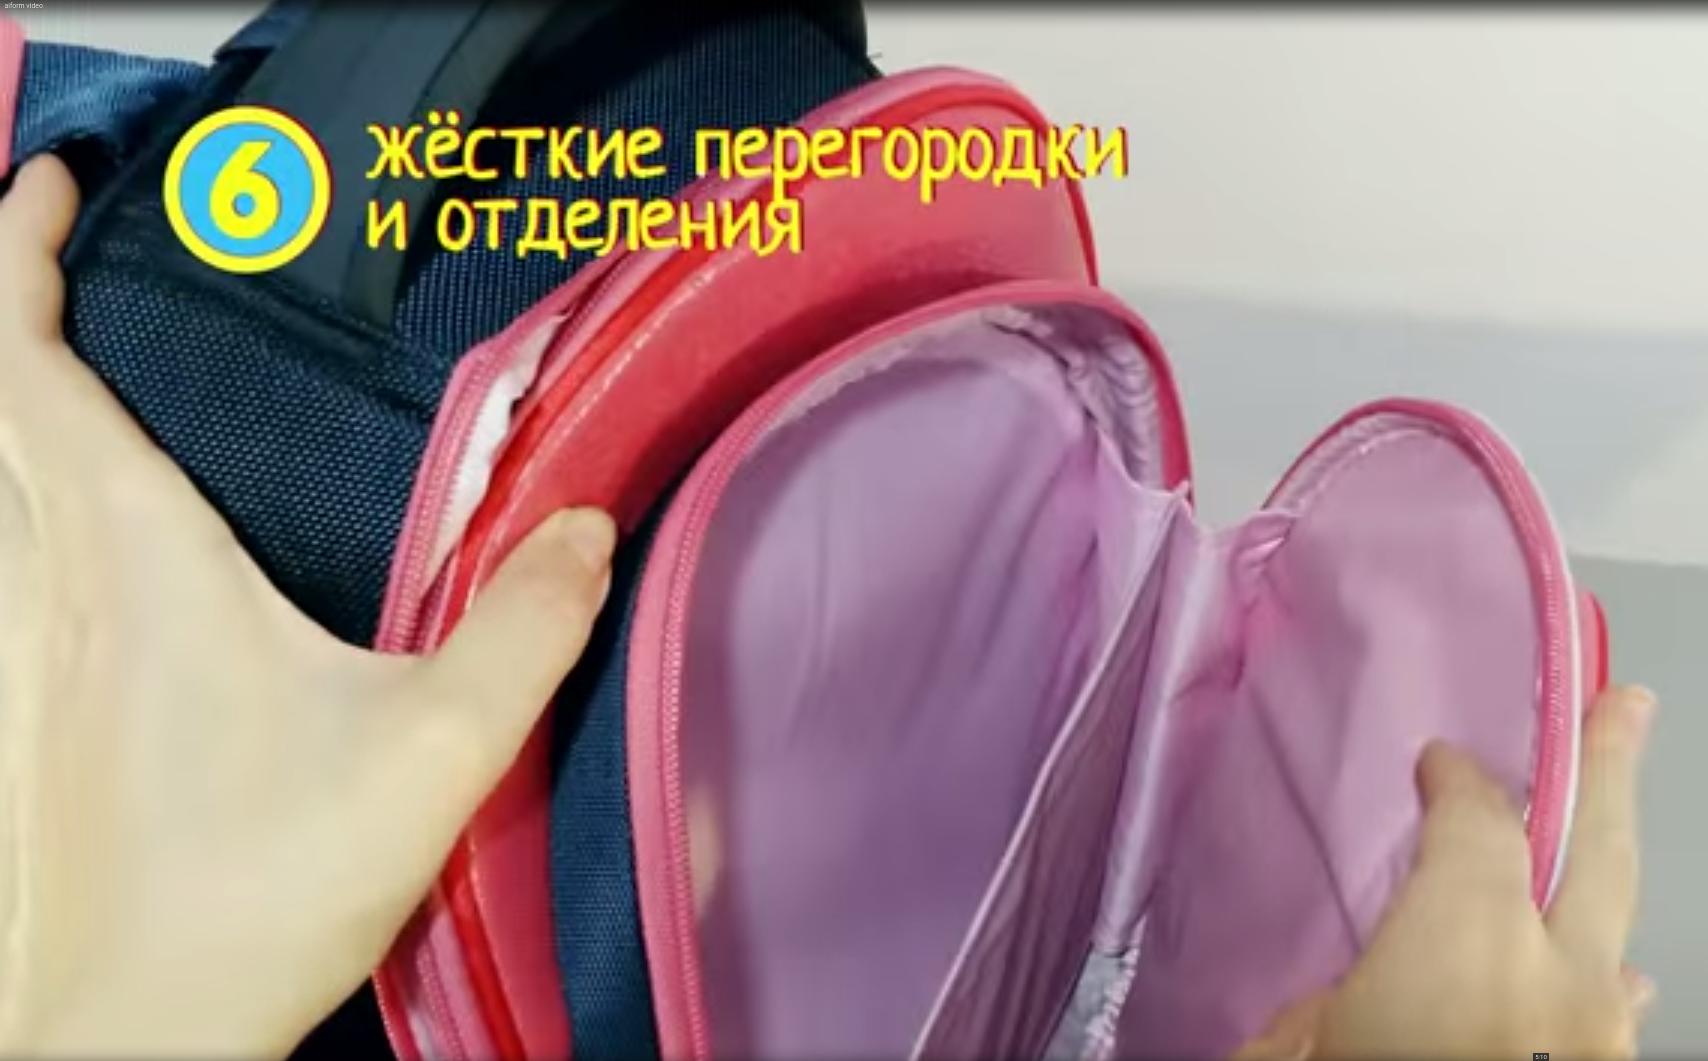 Школьный рюкзак Hummingbird TK49 Звезда футбола - официальный с мешком для обуви, - фото 6